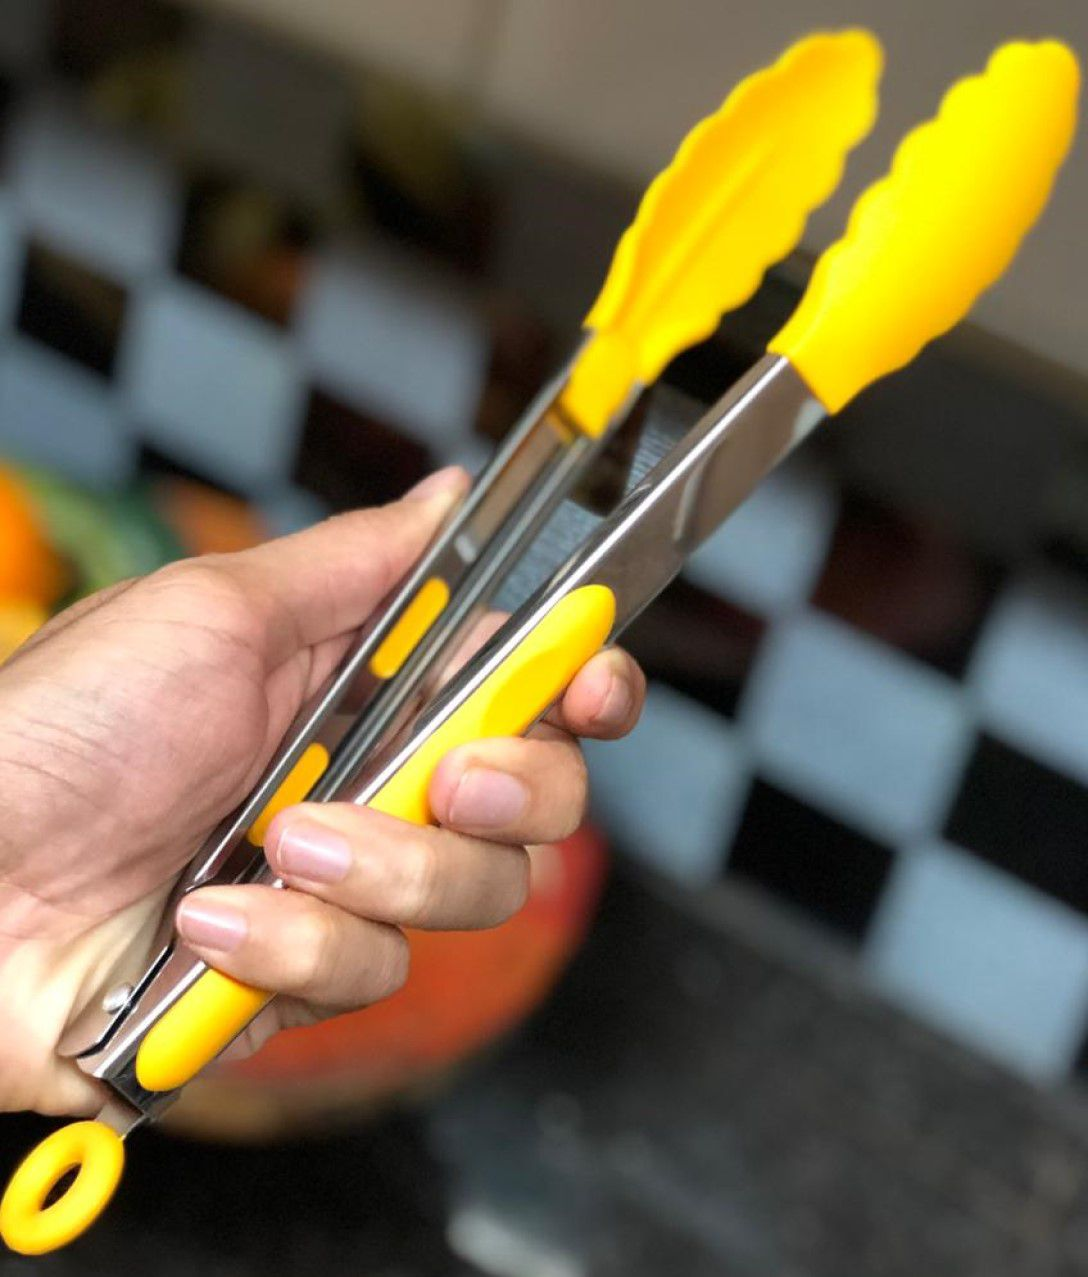 Pegador silicone carne churrasco salada cozinha pinça culinaria 30cm amarelo livre de bpa